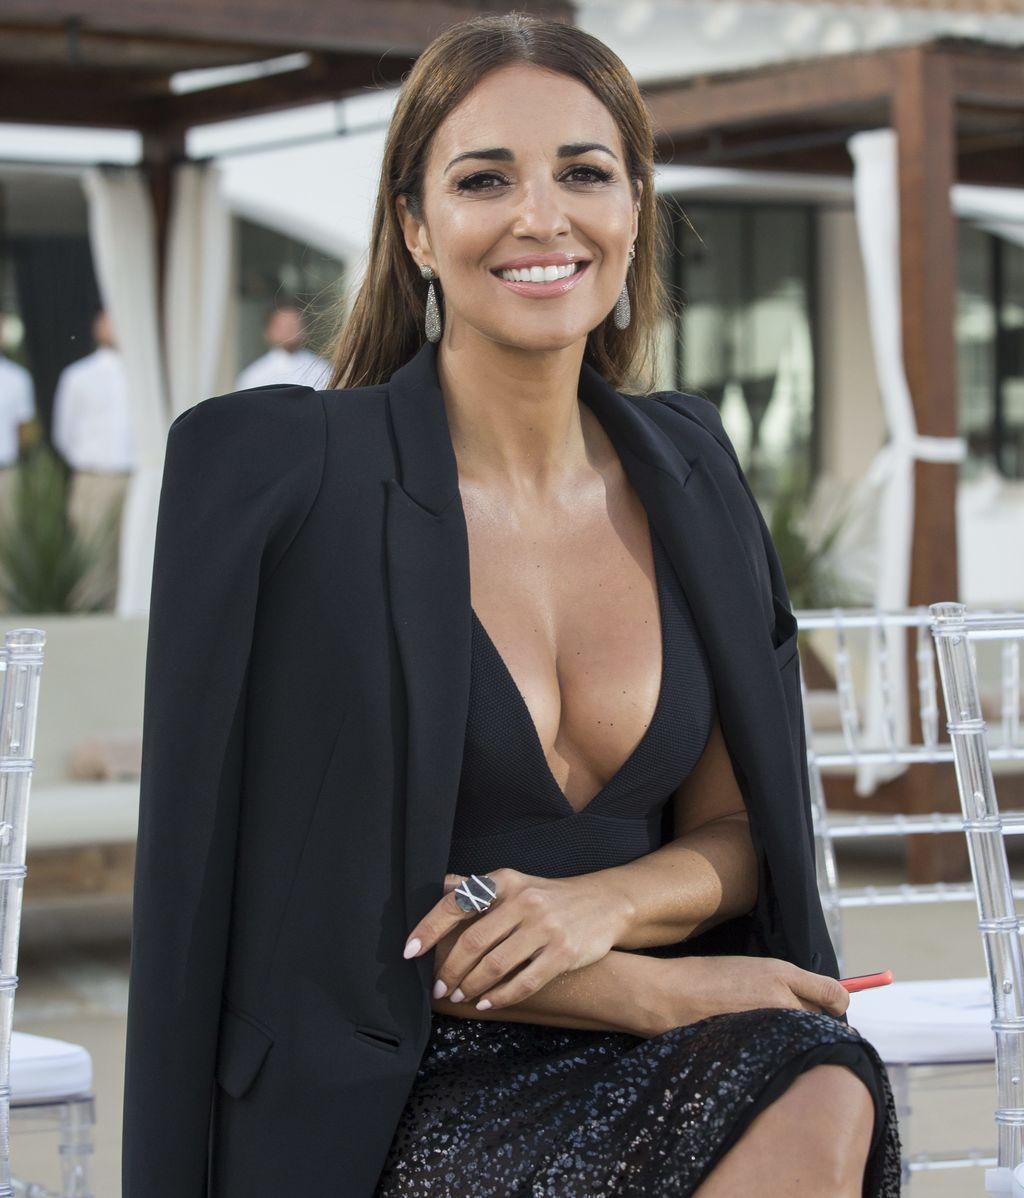 Un total look negro que Paula combina con un bañador a modo de body, falda semitransparente de lentejuelas y chaqueta de traje, perfecto para una fiesta de noche